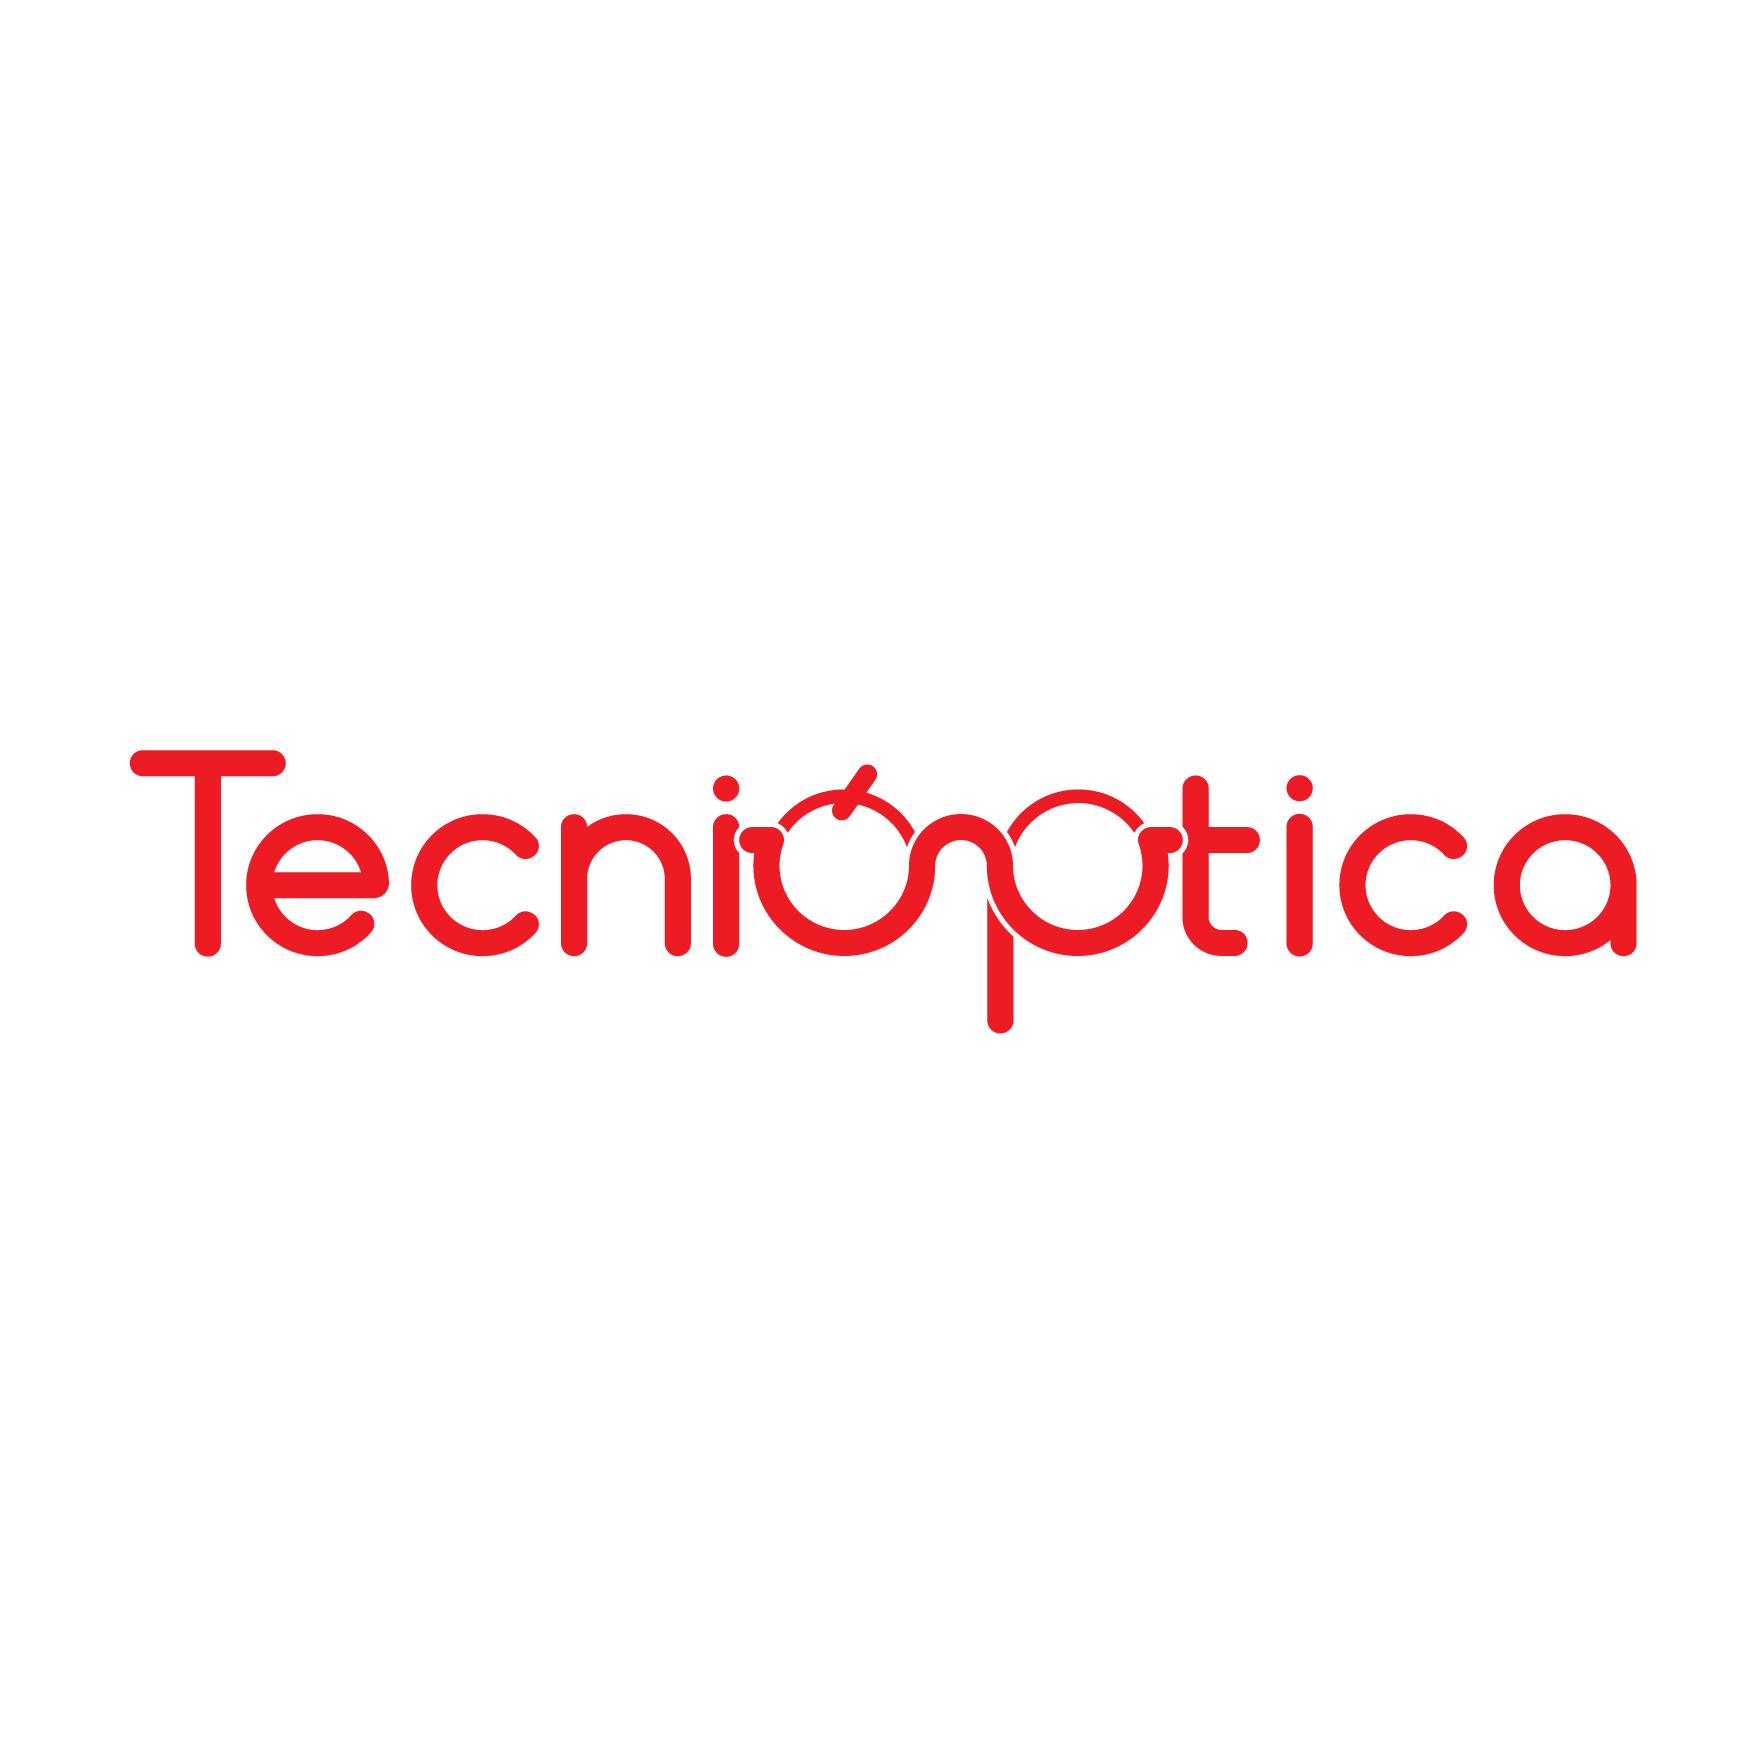 tecnioptica-De-corazón-valluno-cali-estrategia-marketing [Recuperado]-11